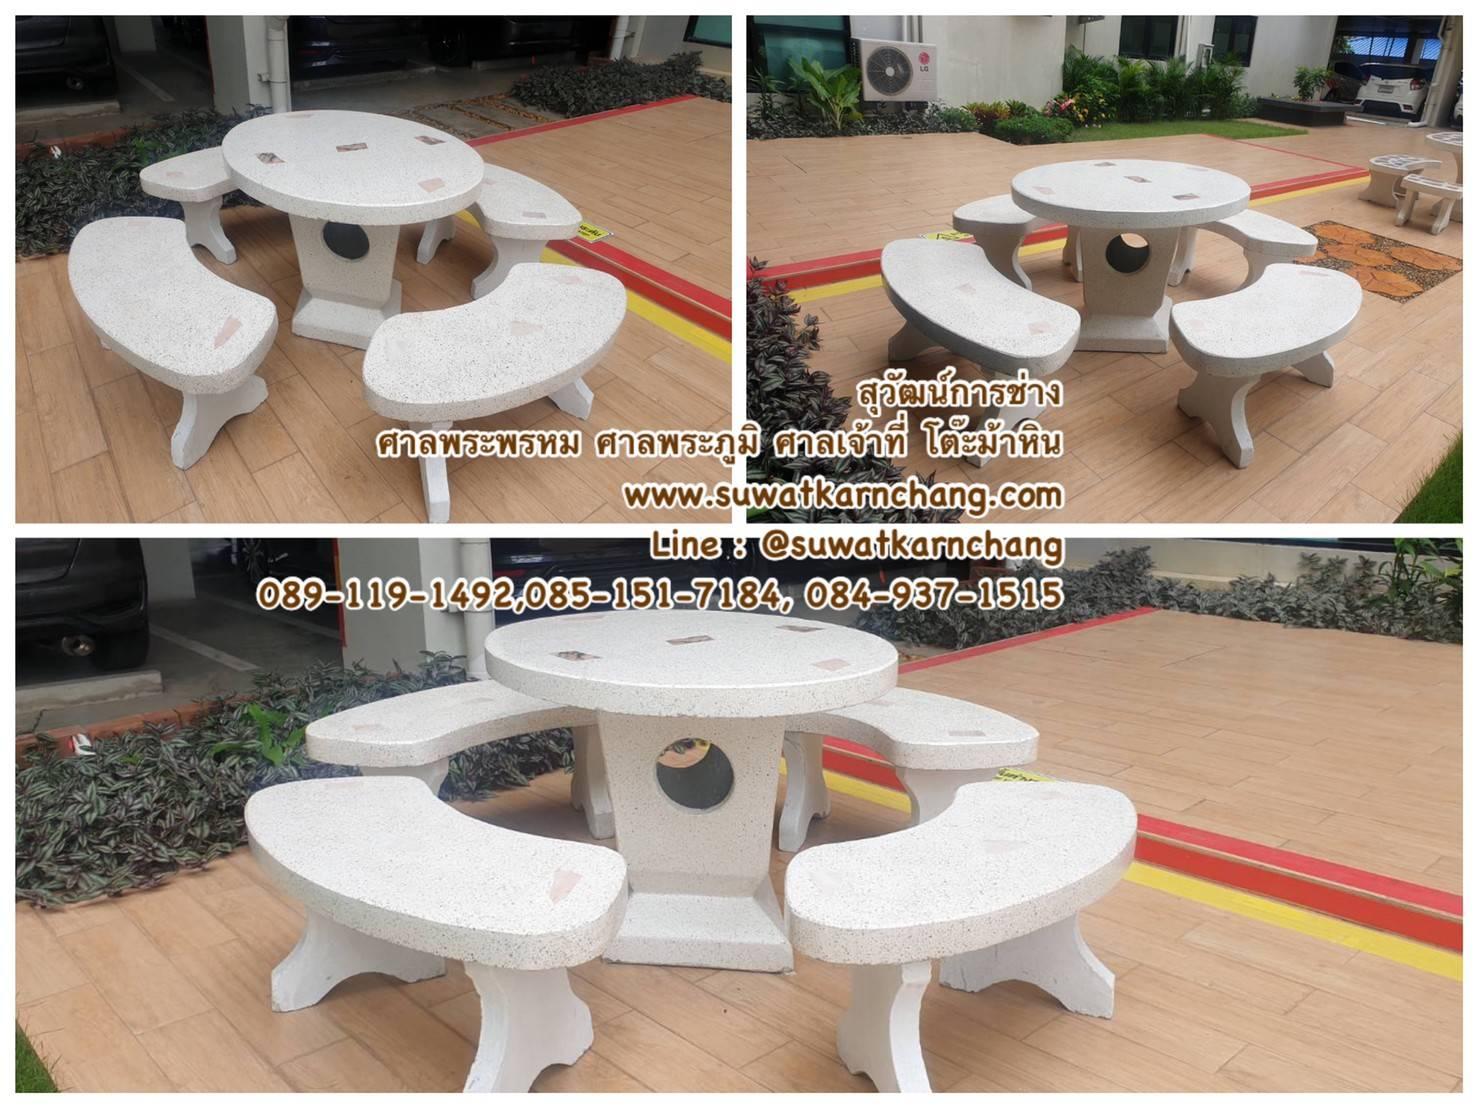 โต๊ะวงรีหินขัด แซม หน้า 80*105 ซม. ตัวนั่งสั้น 2 ยาว 2